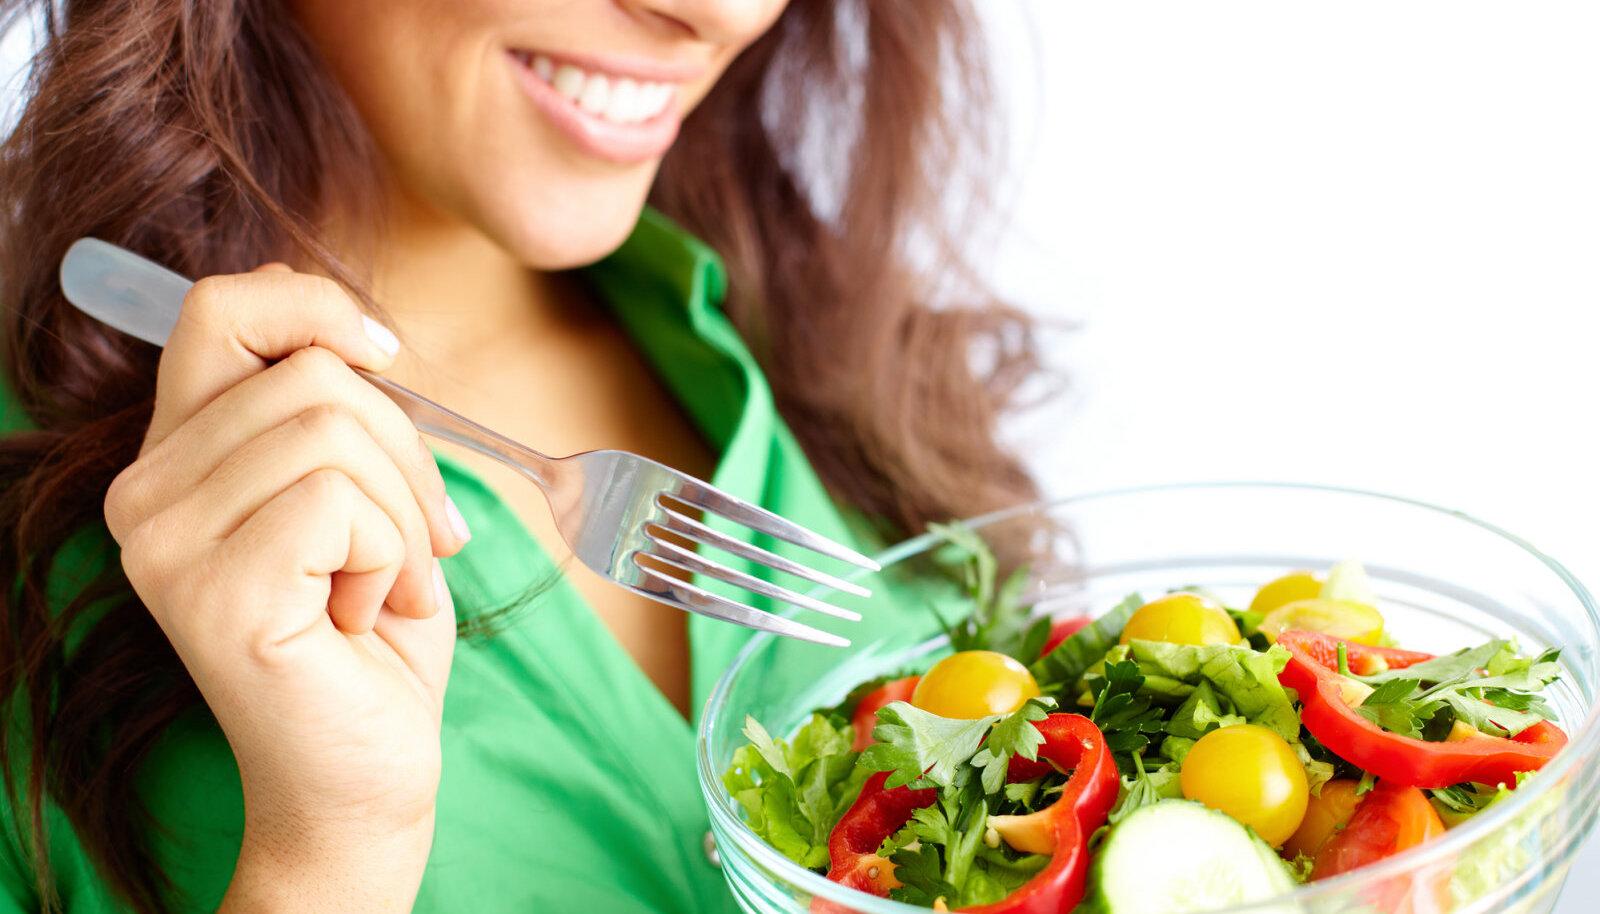 Suure põletikuvastase toimega on brokoli, spargel, peet, oliivid, kapsas ja ka seened